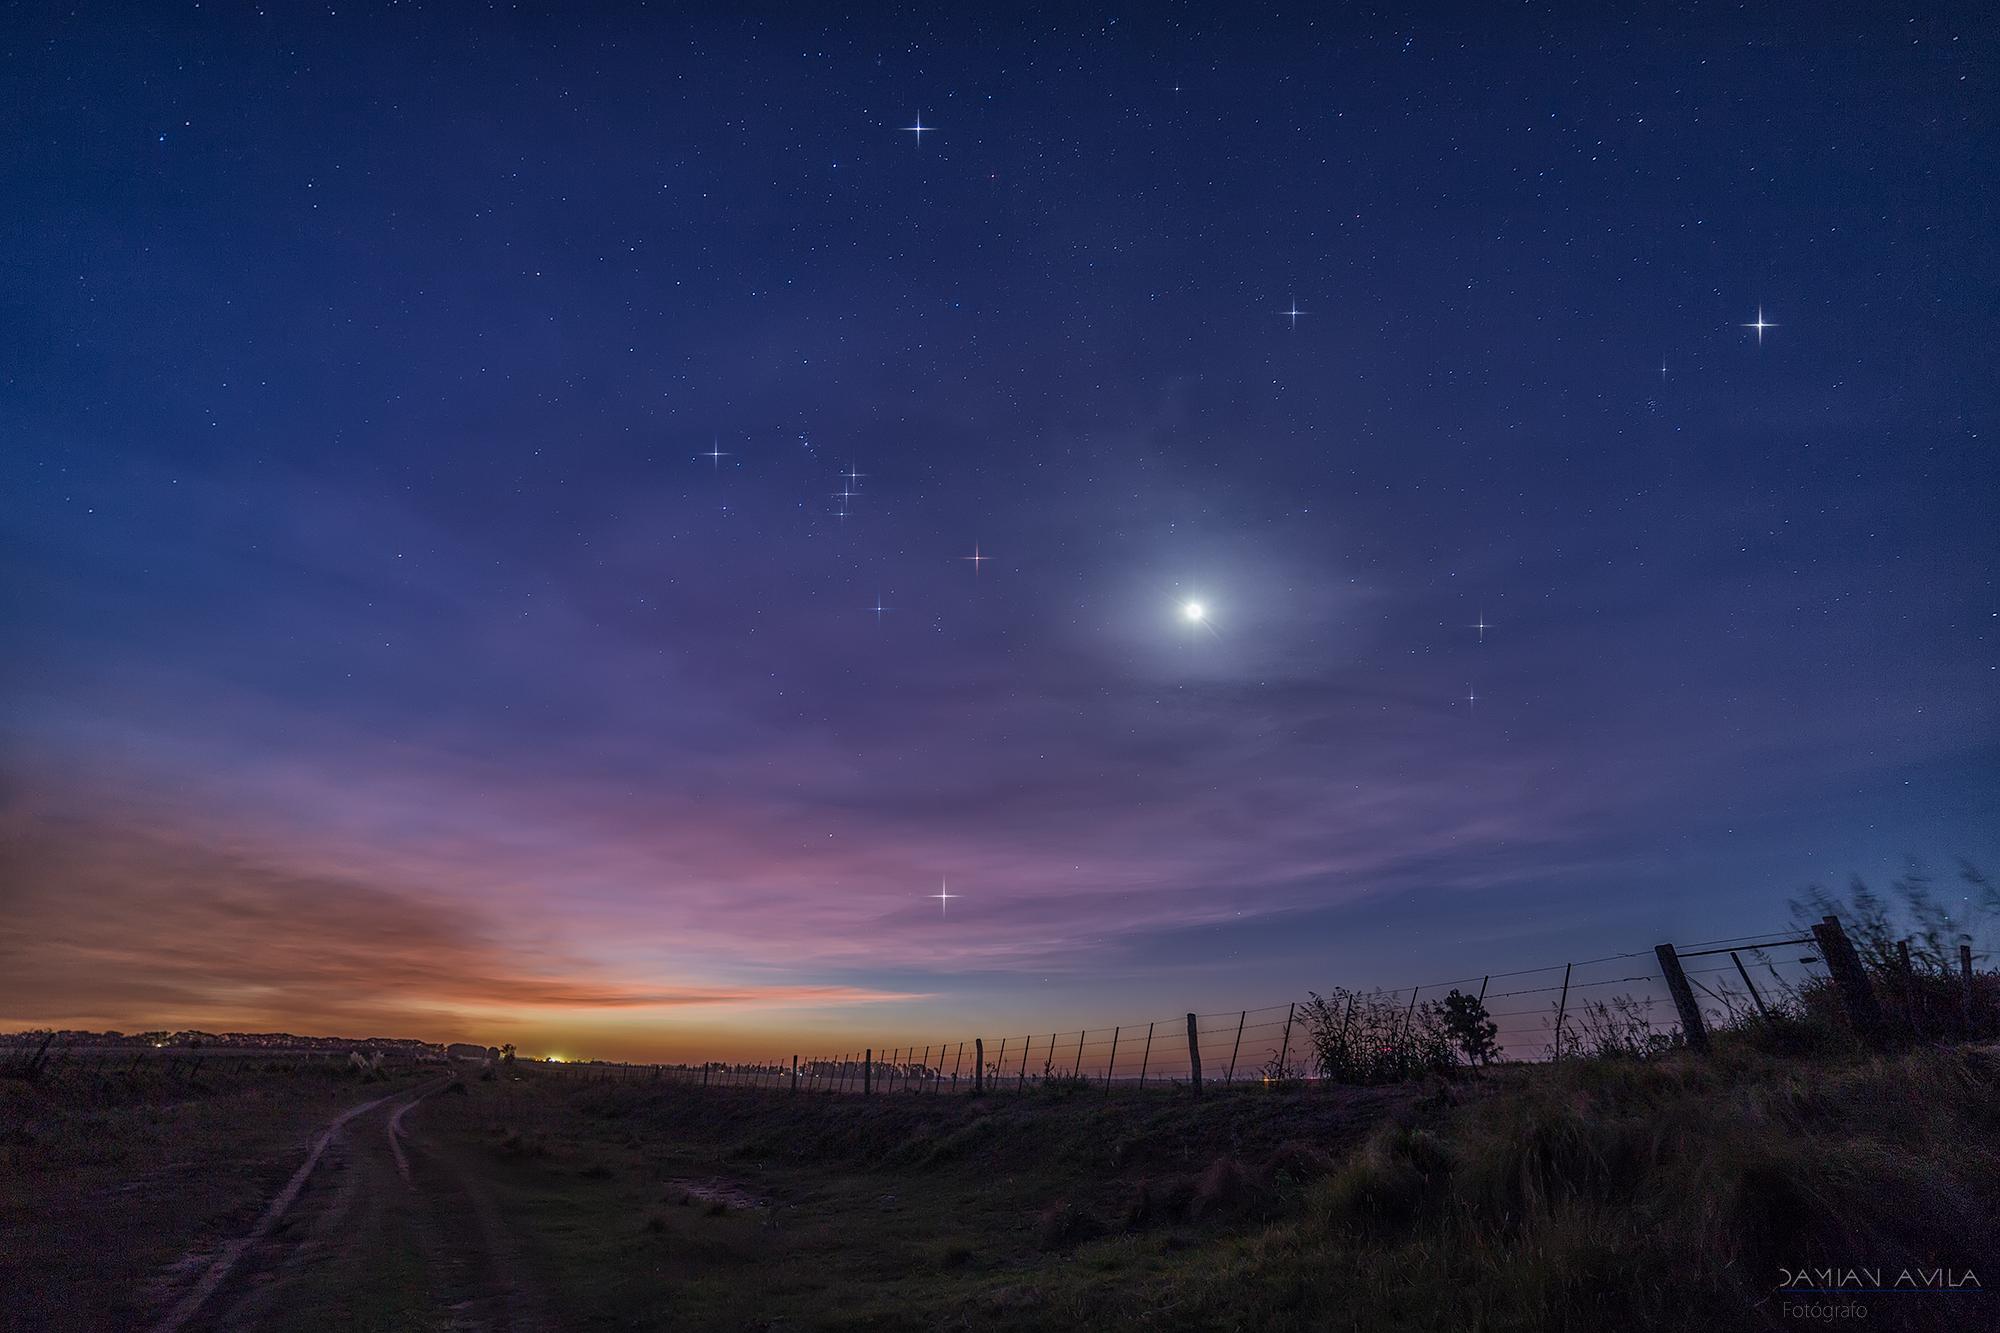 Fond d'écran : paysage, le coucher du soleil, nuit, ciel, étoiles, lever du soleil, Lune, soir ...